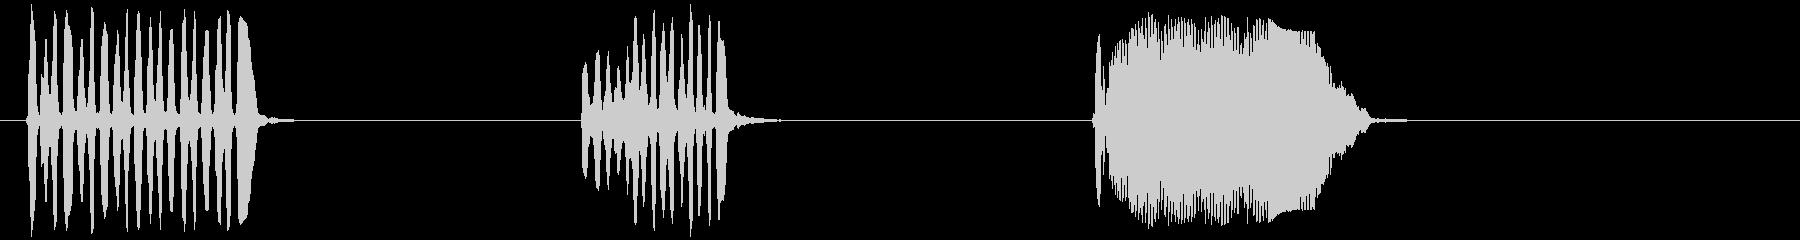 トランペットトレモロス-3つの効果...の未再生の波形